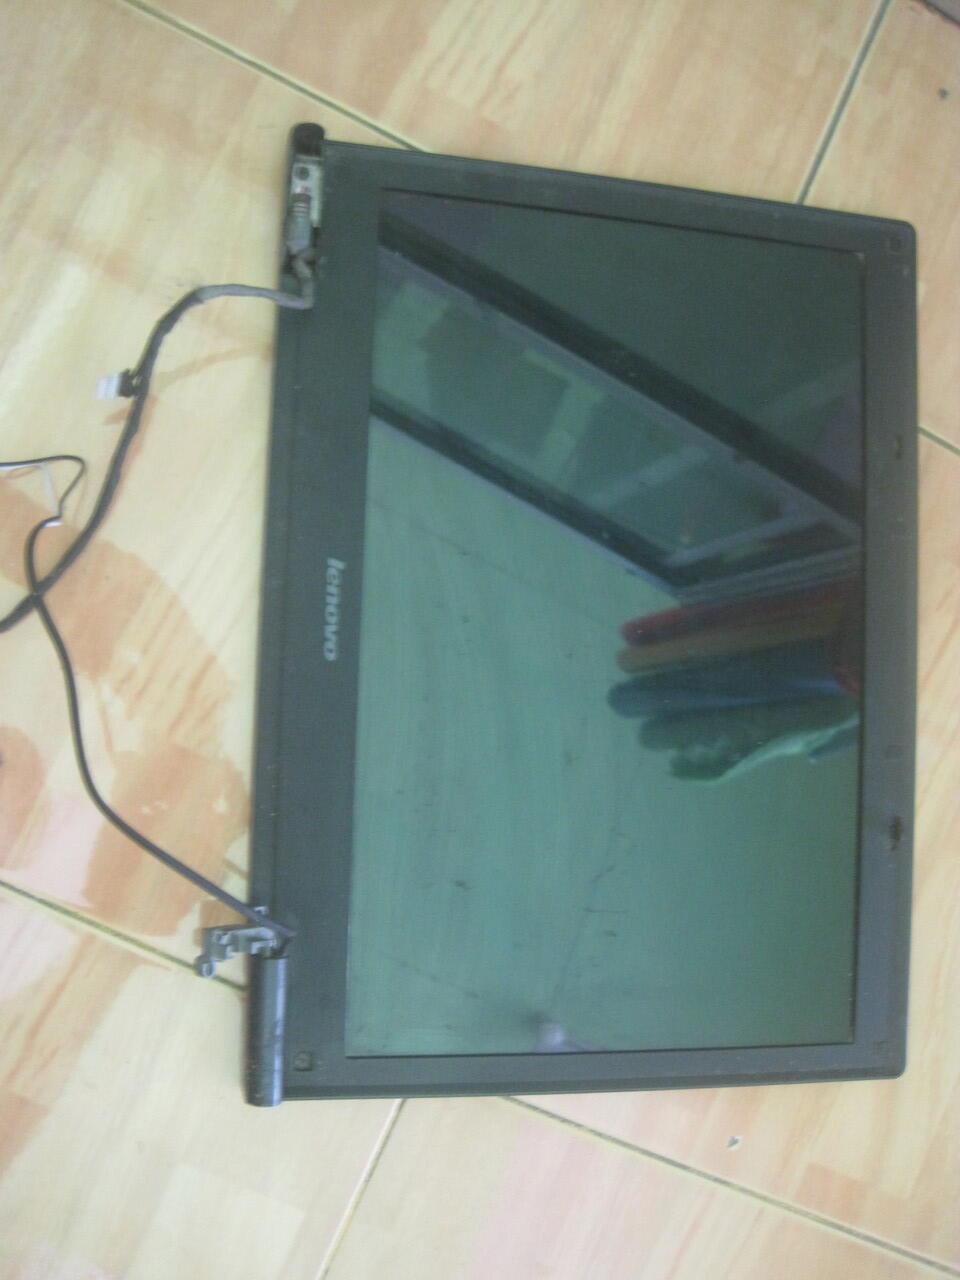 Apa adanya, Bangkai - LAptop Lenovo 3000 G400